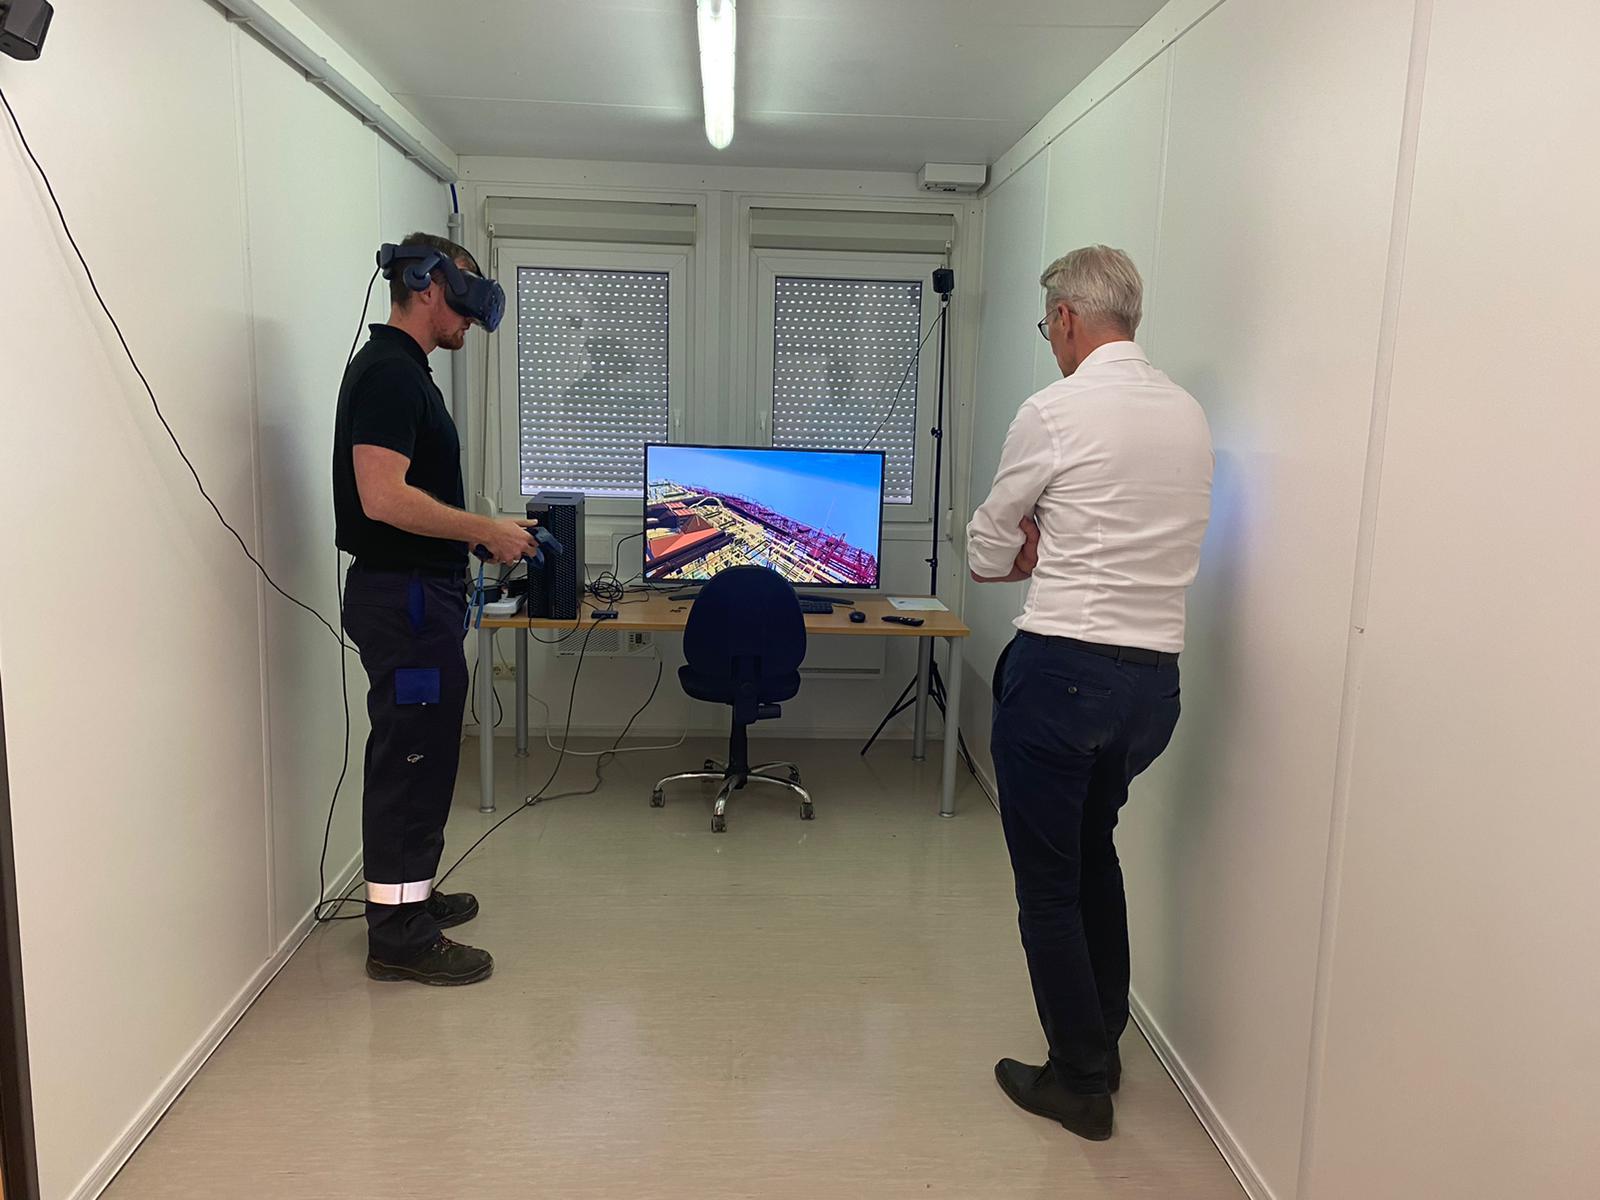 Geplant in der virtuellen Realität